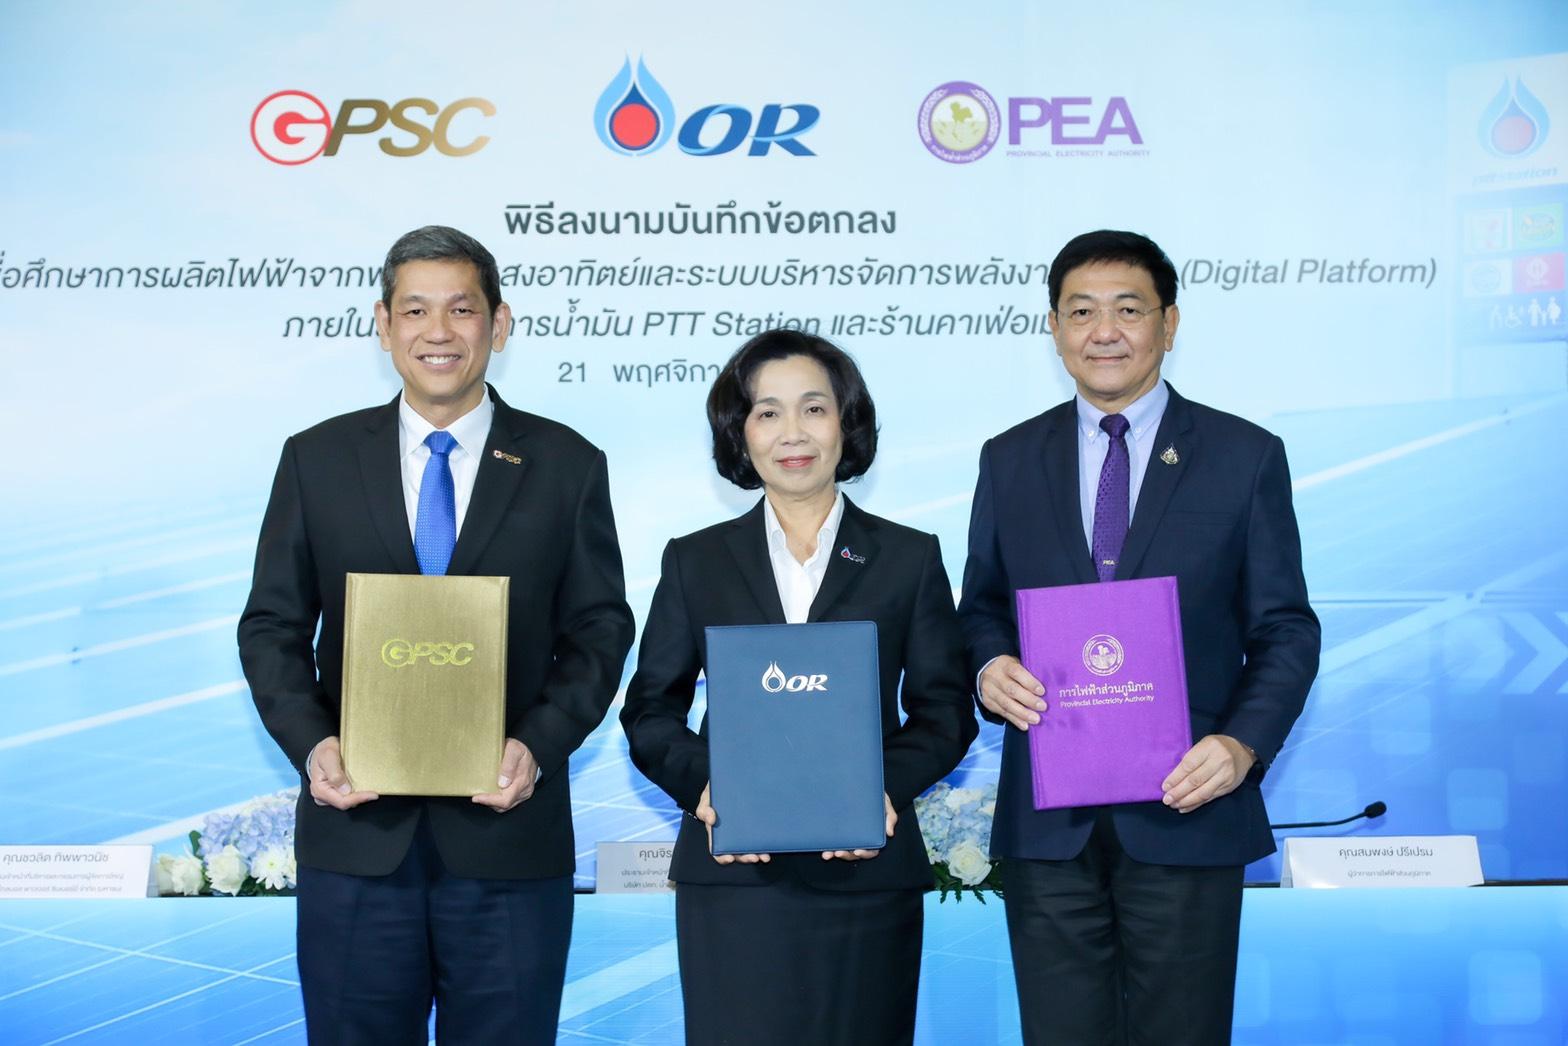 โออาร์ดึงPEA-GPSCศึกษาผลิตไฟฟ้าโซลาร์ในปั๊มน้ำมัน-คาเฟ่อเมซอน